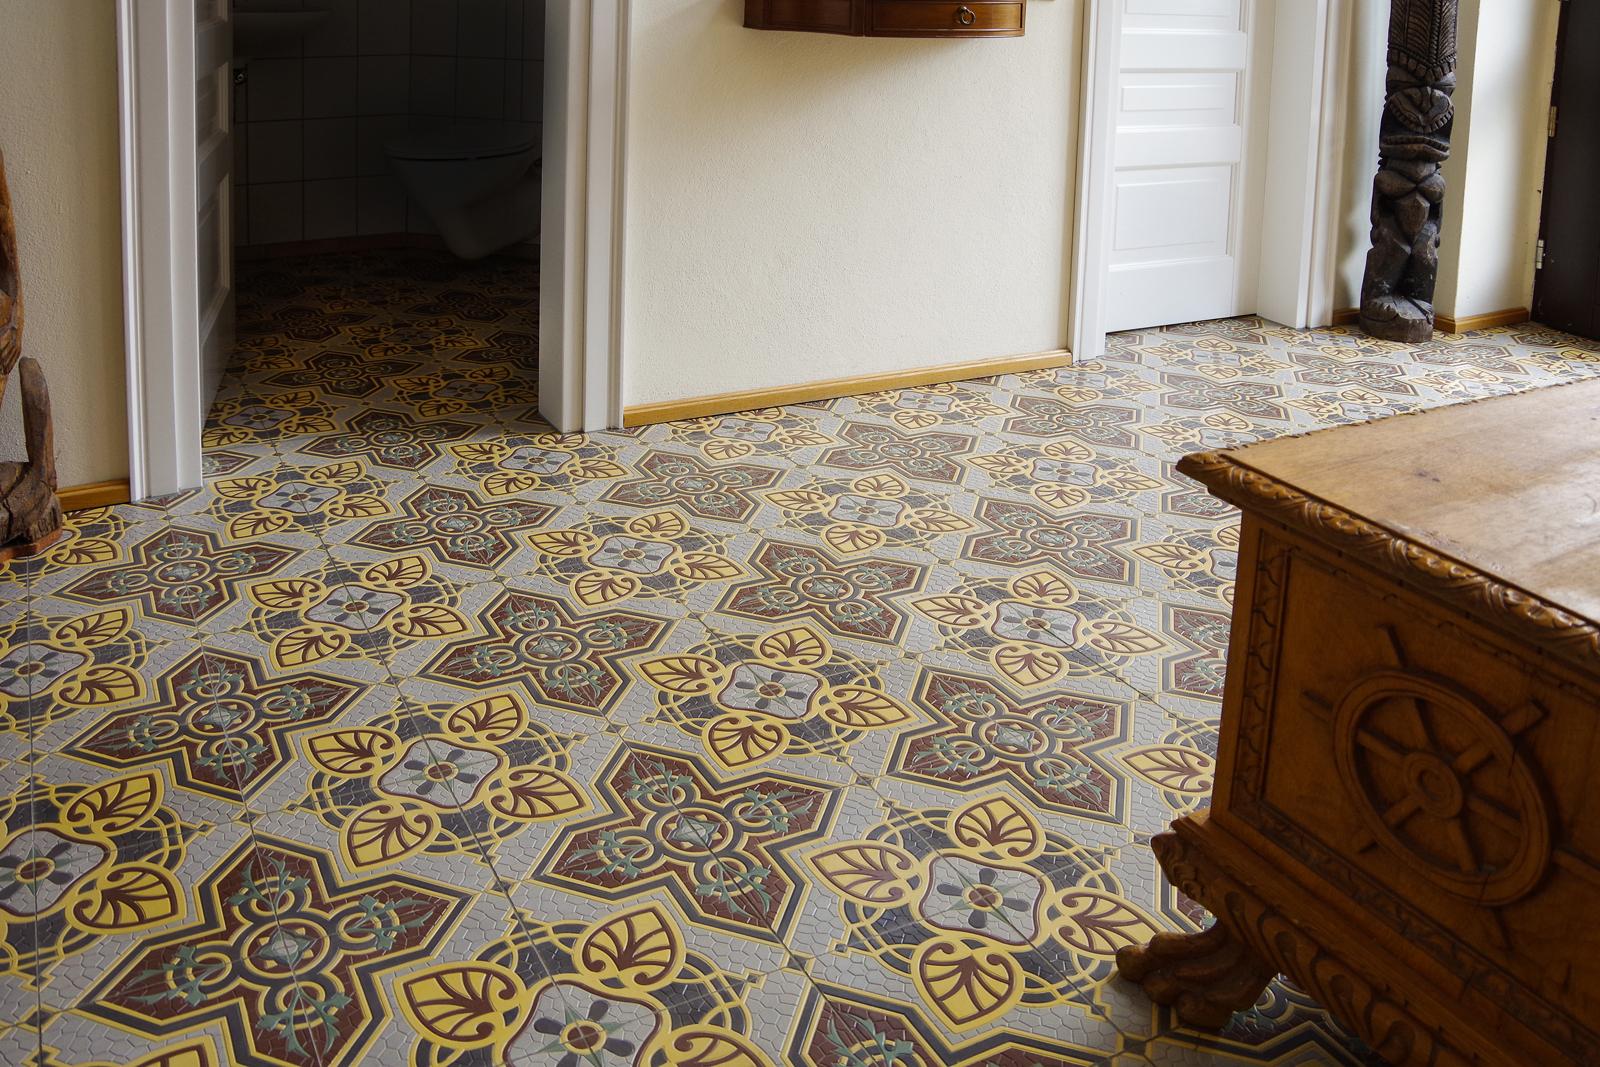 zementmosaikplatten-nr.41071-flur-02-viaplatten |